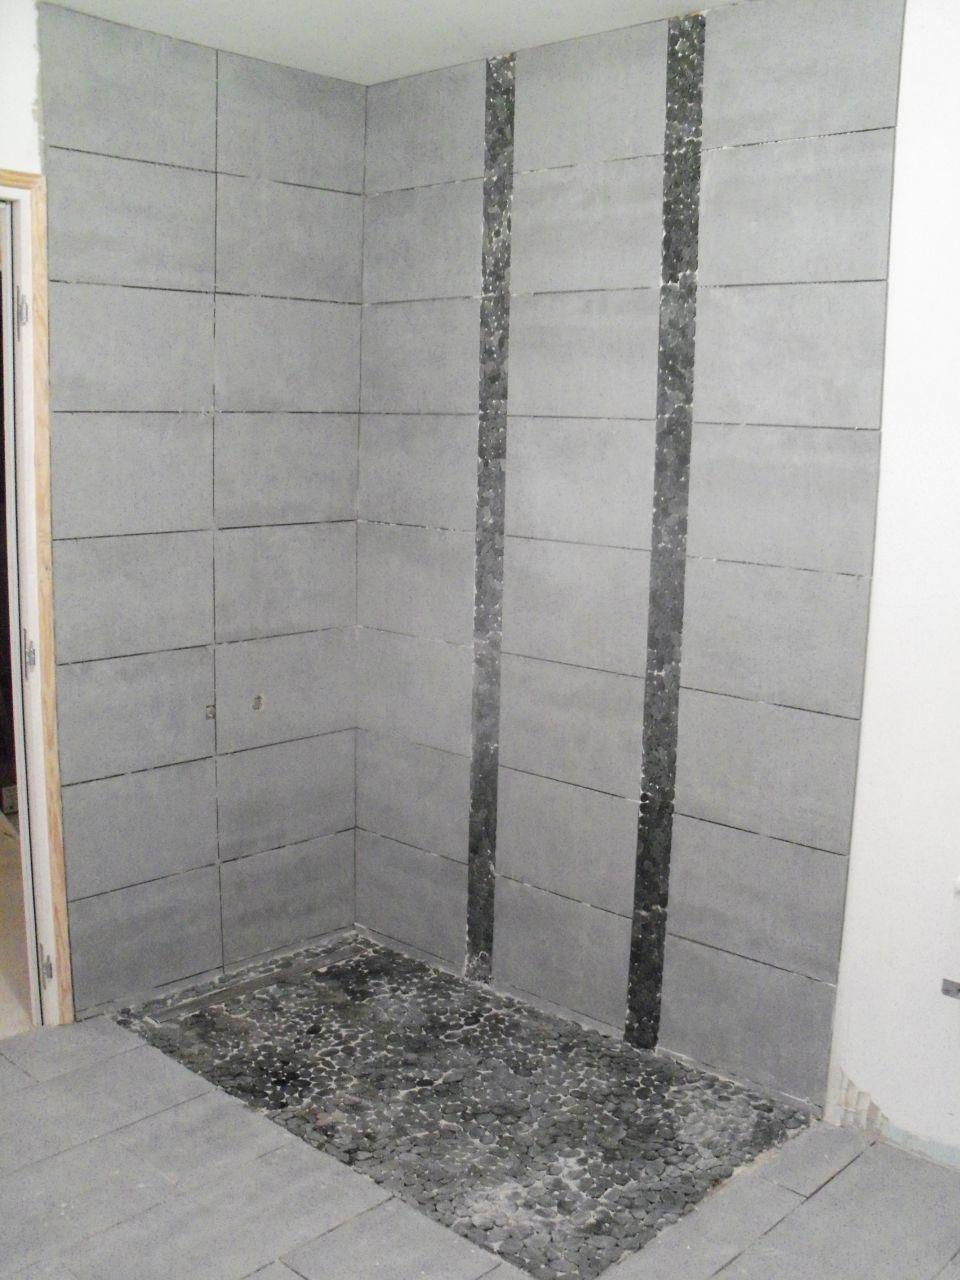 Carrelage de la douche pas de calais for Nettoyer carrelage douche